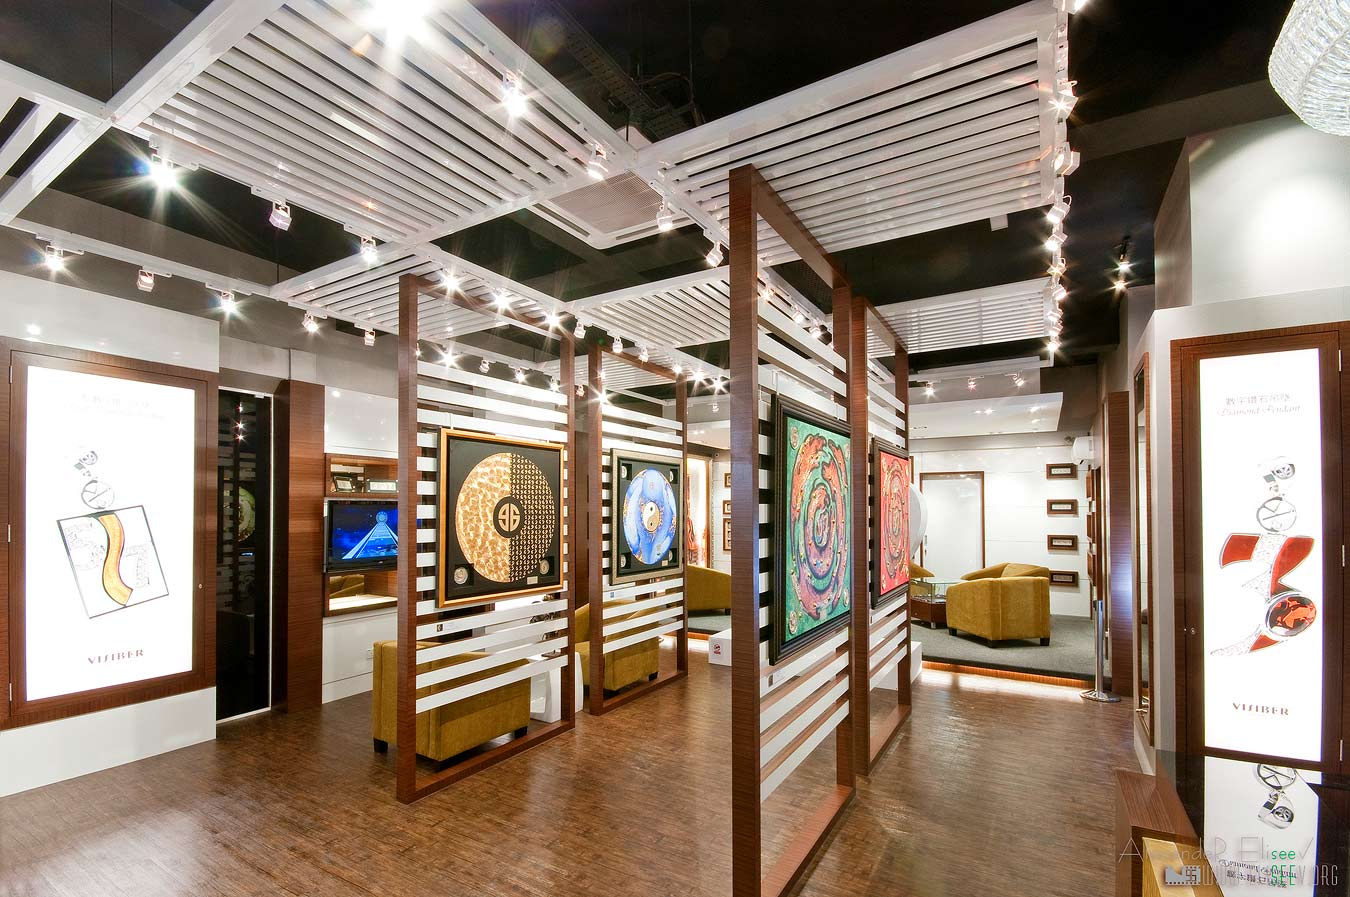 картинная галерея - интерьерный фотограф для выставок